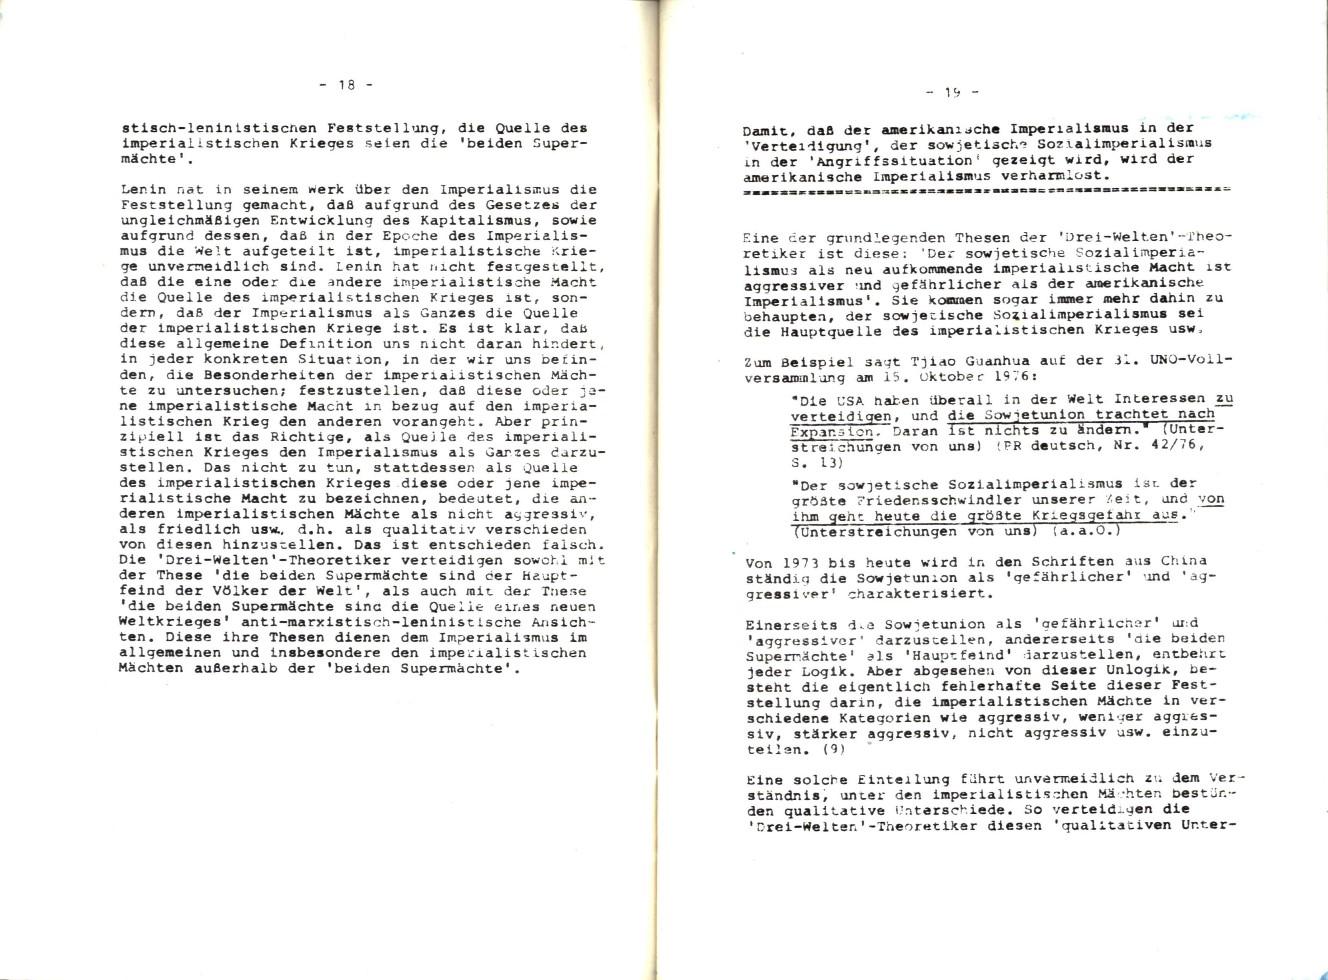 MLSK_Theorie_und_Praxis_des_ML_1978_21_18